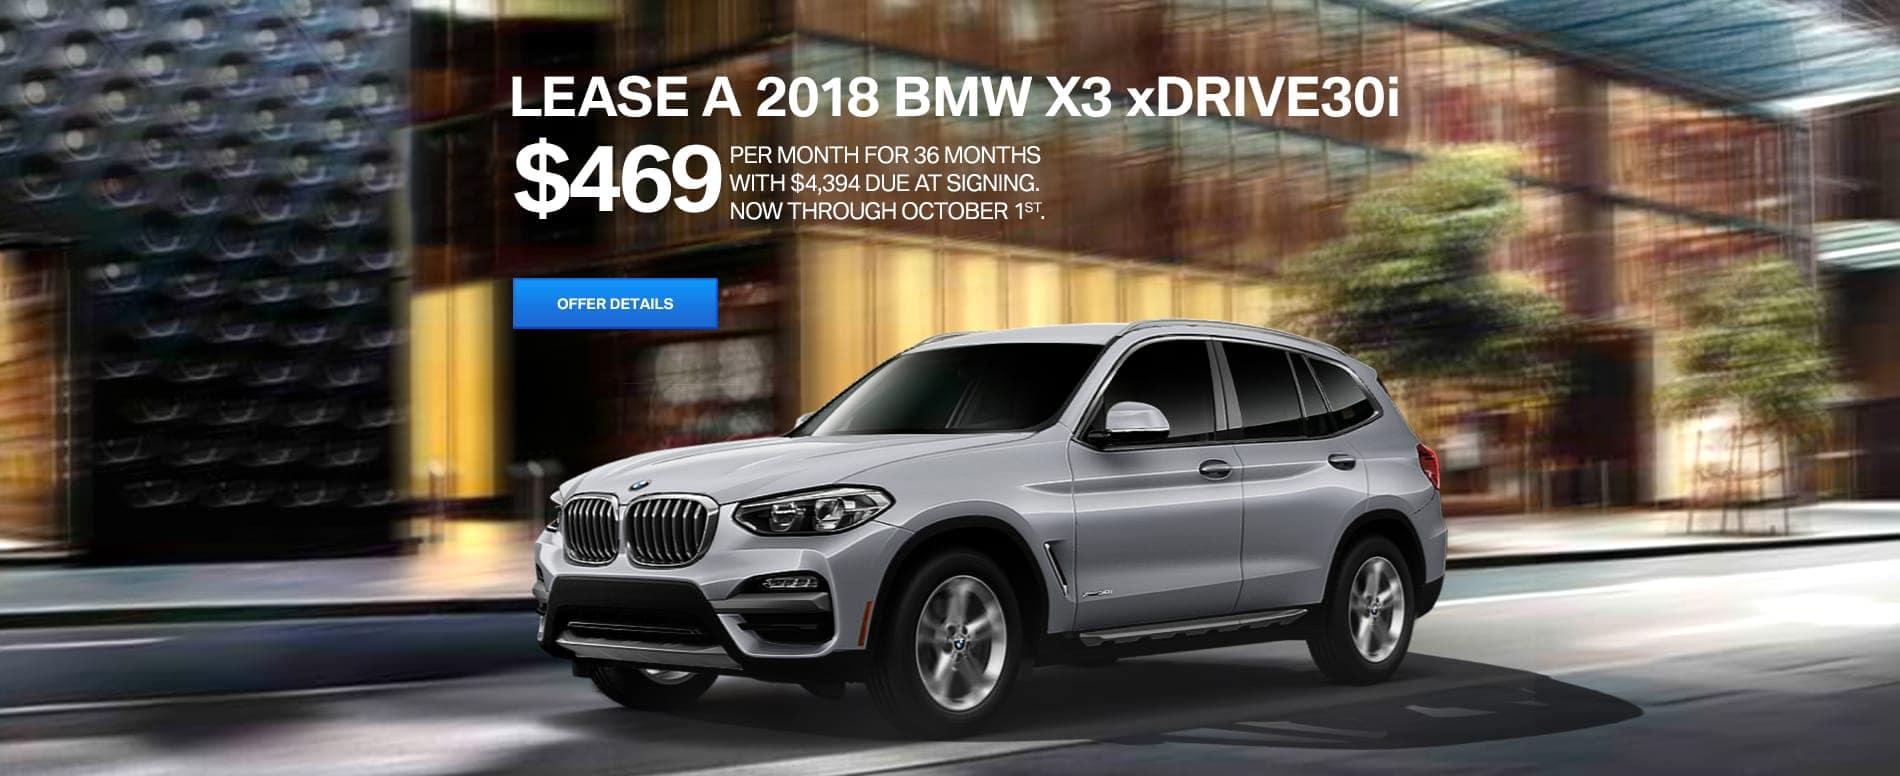 2018_X3_xDrive30i_National_$469